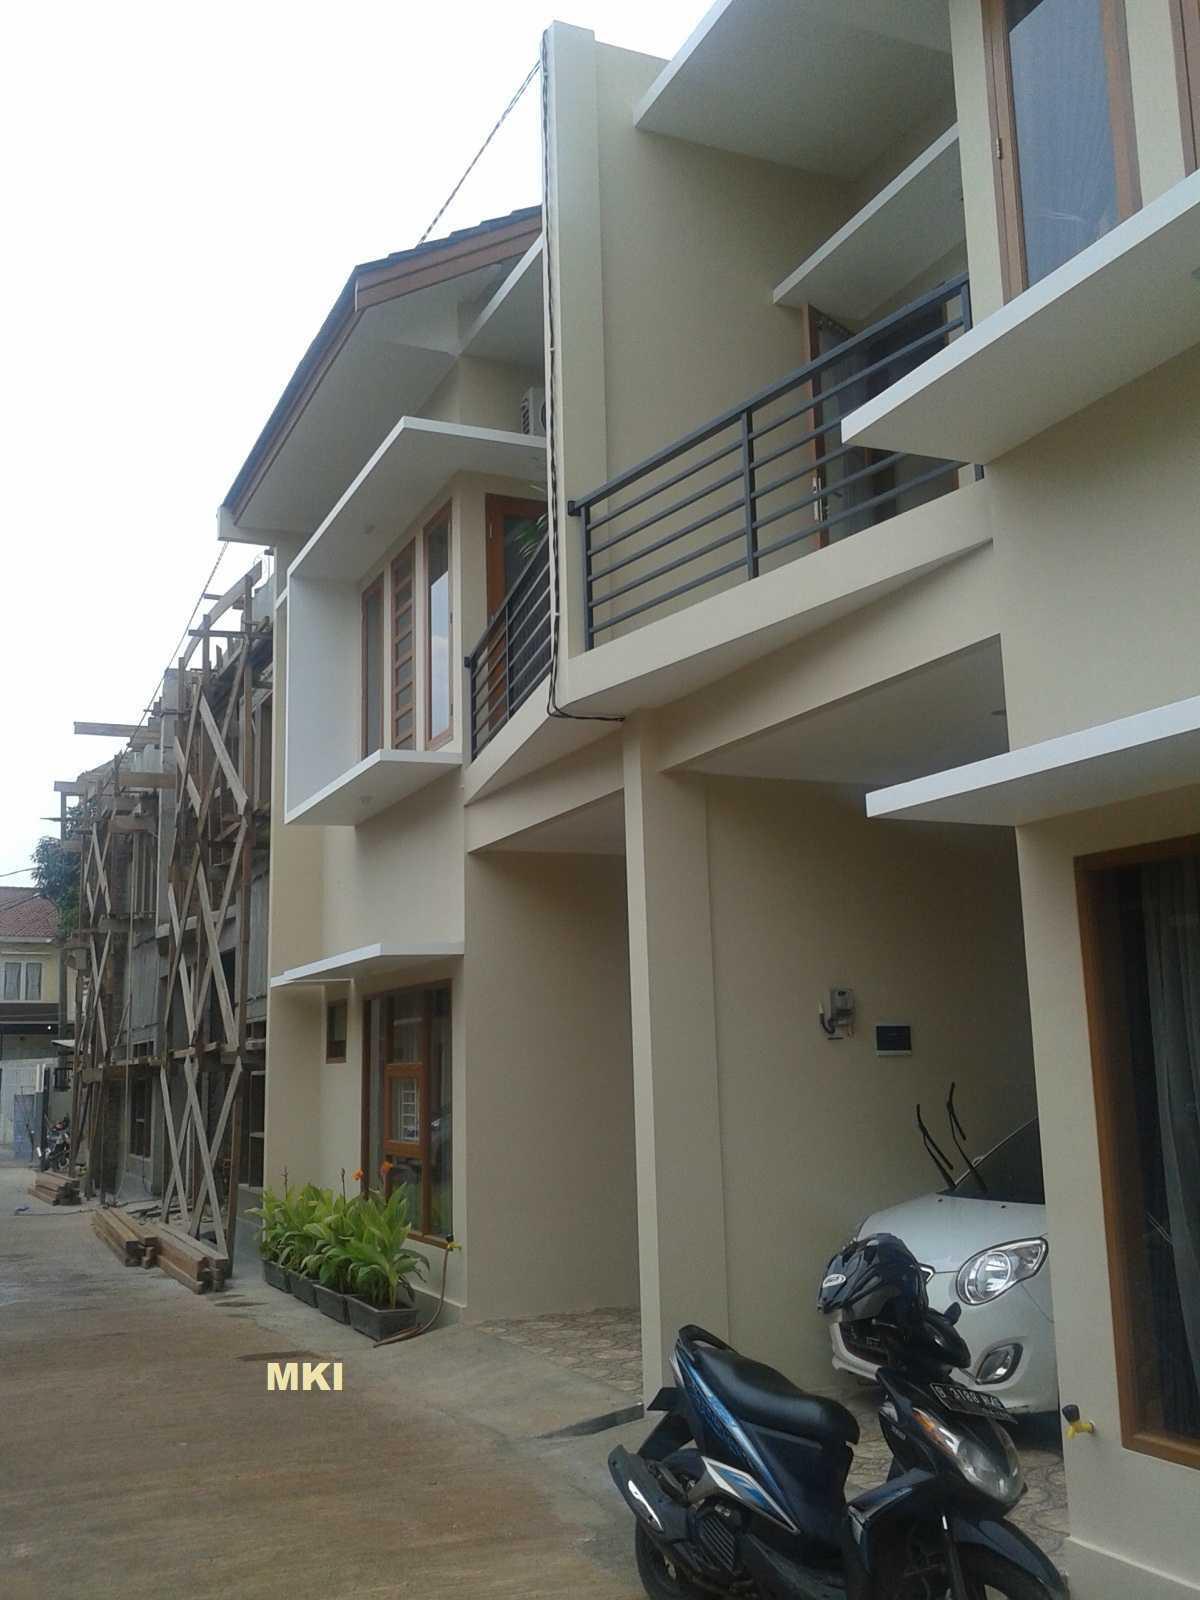 Mki Kj Residence  Jakarta, Indonesia Jakarta, Indonesia Facade 2 Modern  17749